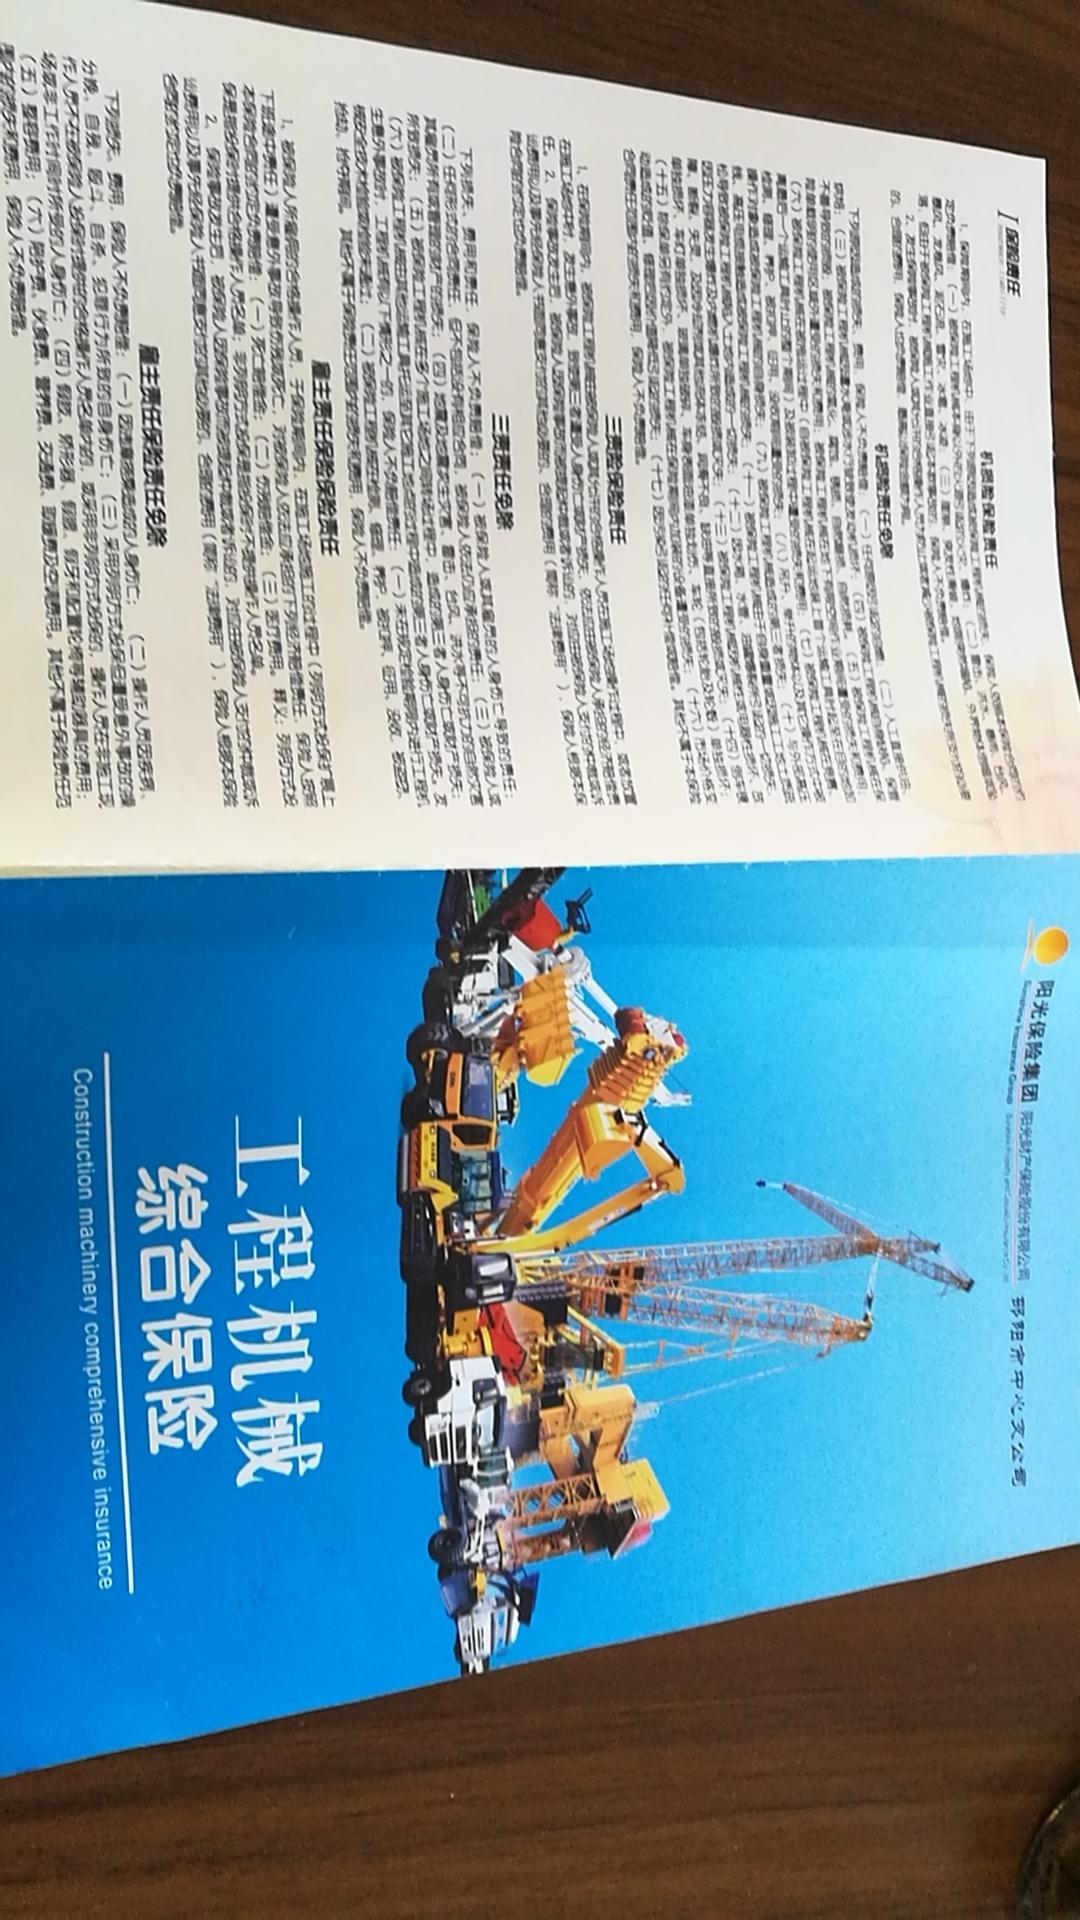 卡特330.360的大型挖机,介绍工地,工地在惠州,24